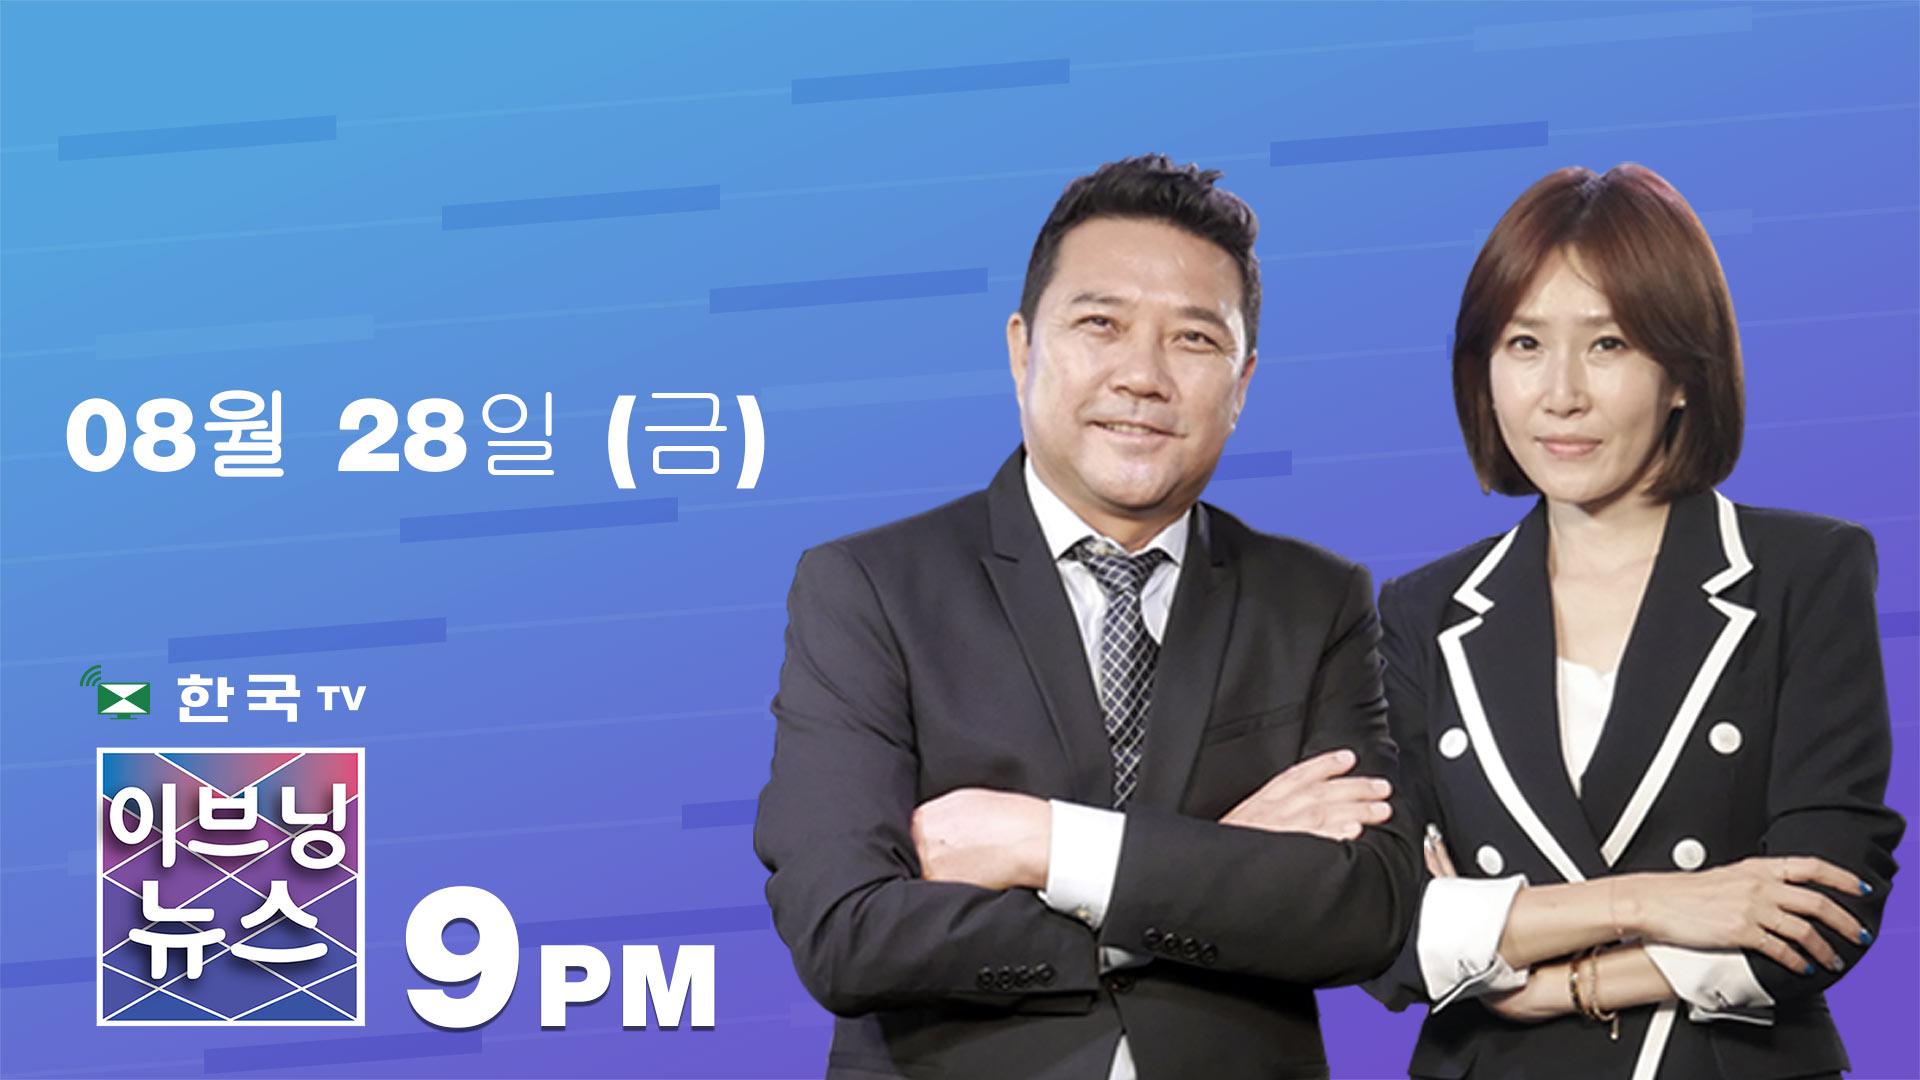 (08.28.2020) 한국TV 이브닝 뉴스